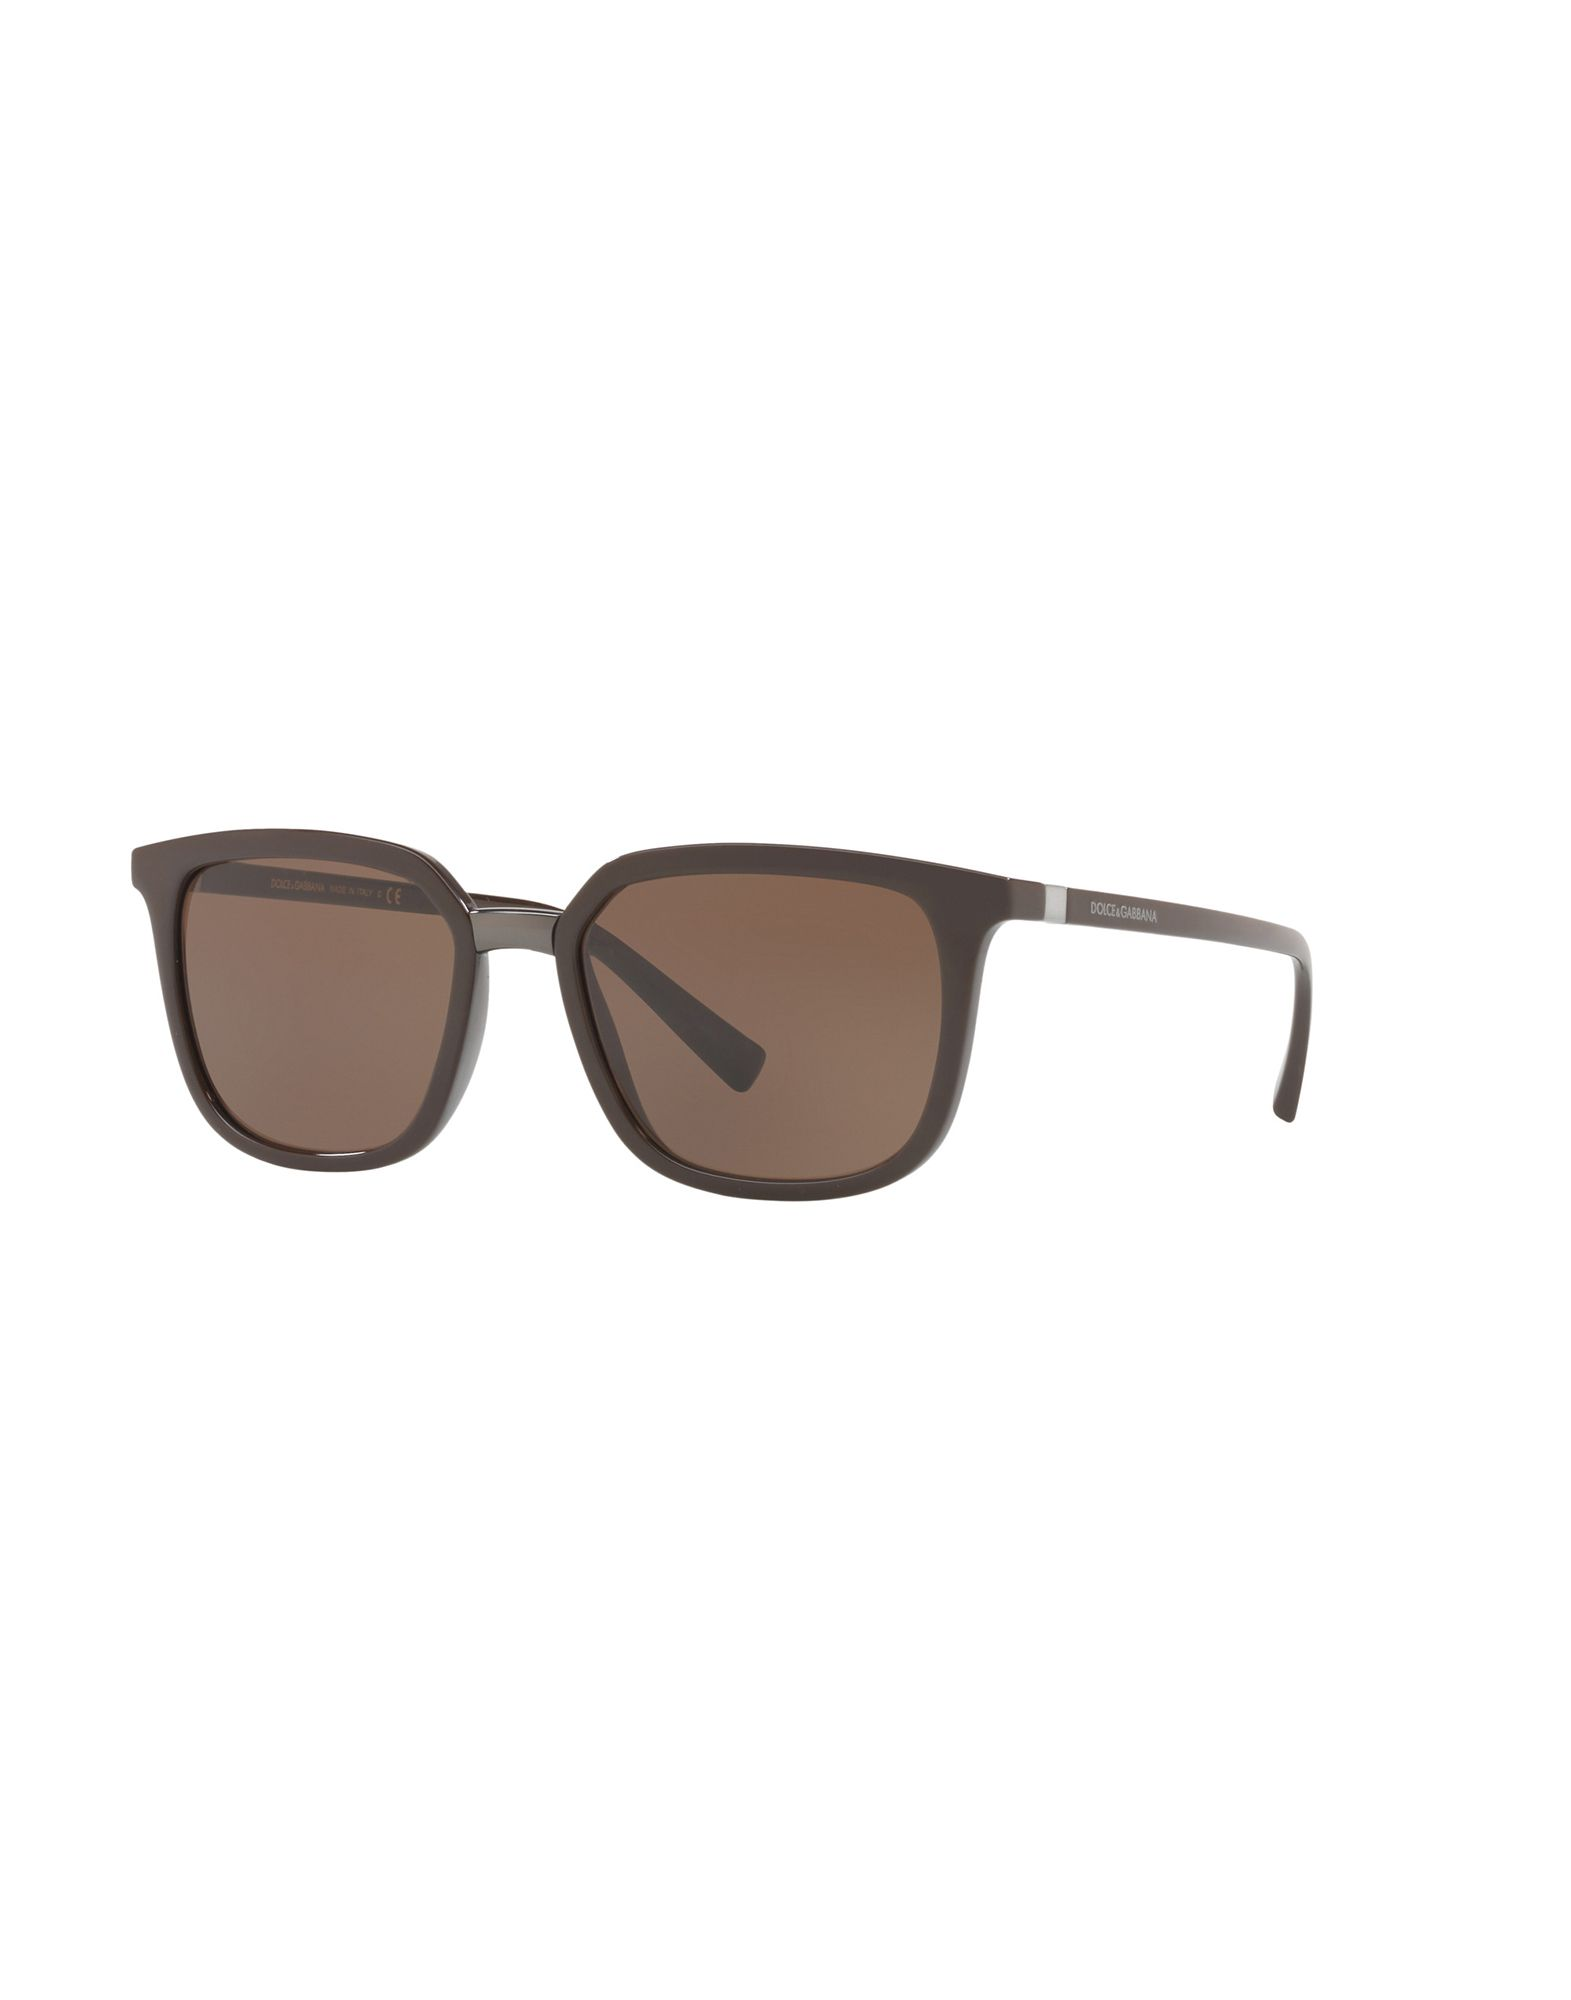 Occhiali Da Sole Dolce & Gabbana Dg6114 - Uomo - Acquista online su